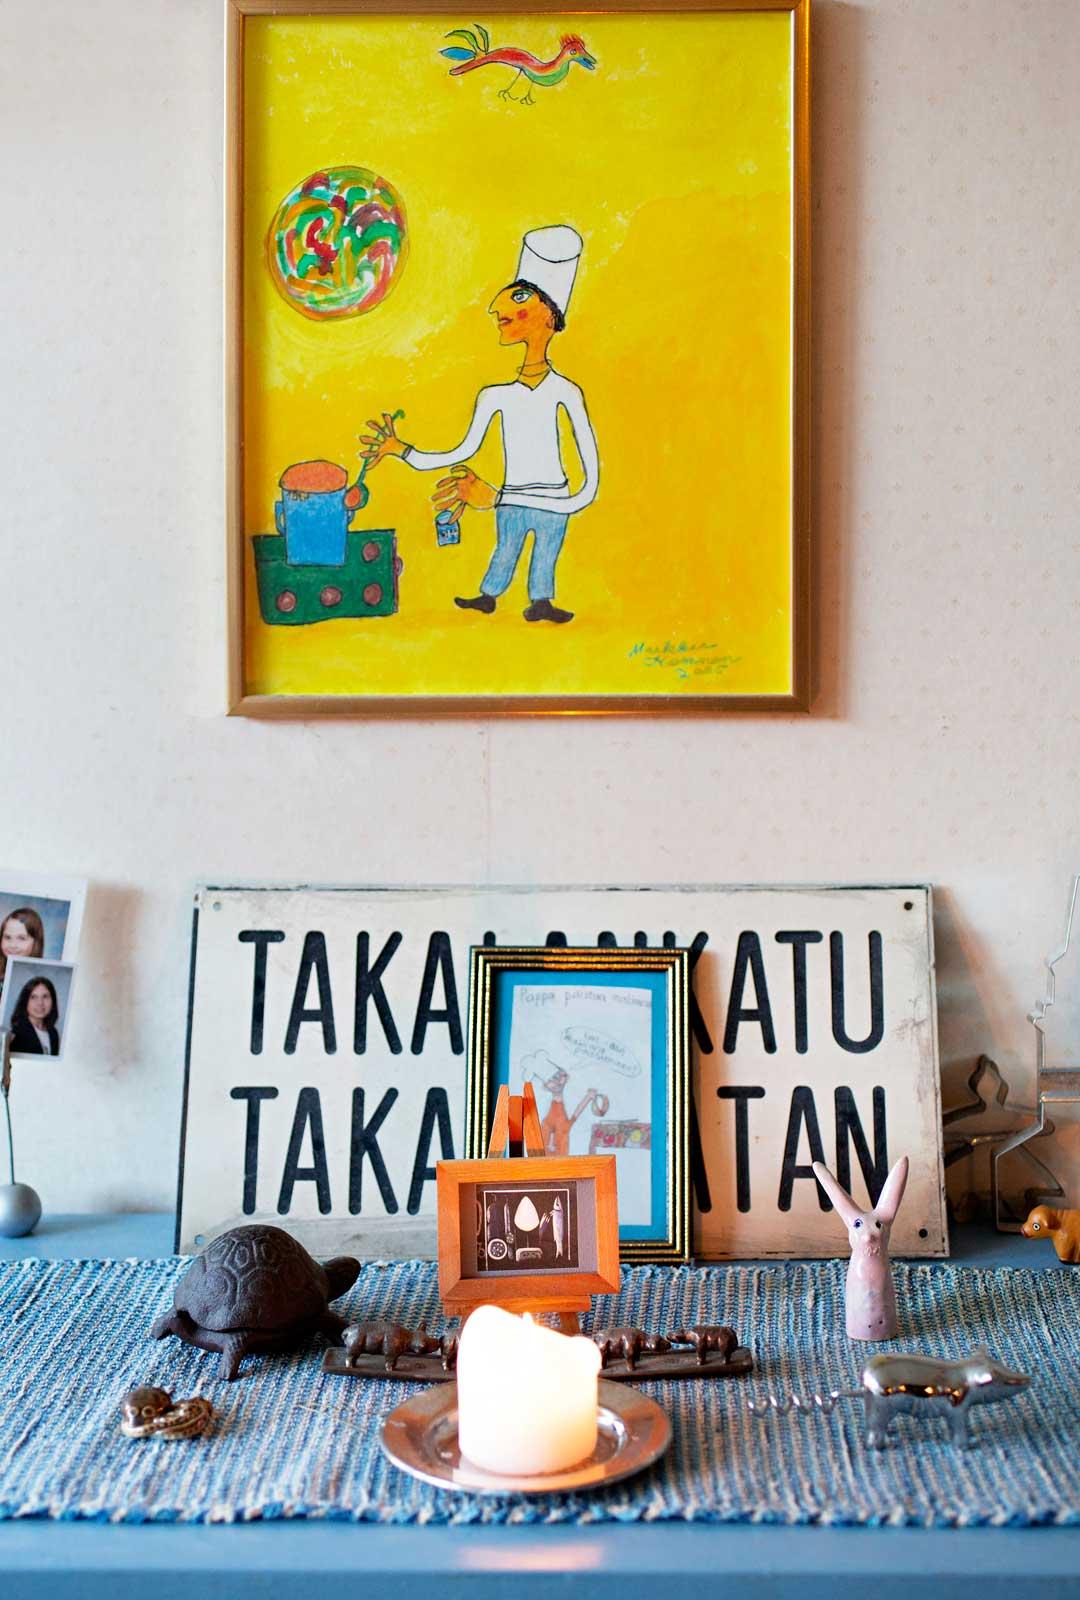 Pieniä installaatioita on syntynyt ympäri taloa puolivahingossa. Taulu on turkulaisnaivisti Markku Kososen maalaama.